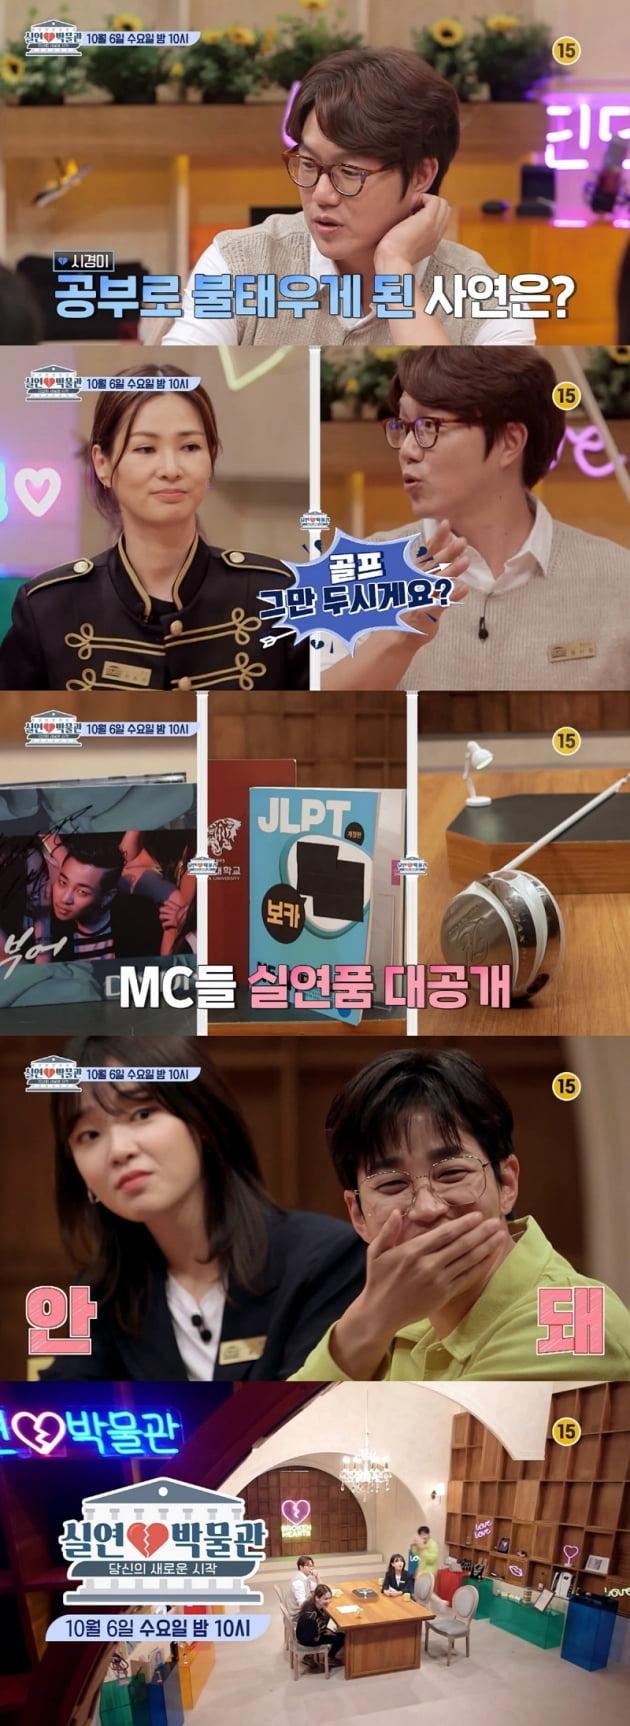 /사진=KBS Joy 예능프로그램 '실연박물관' 예고편